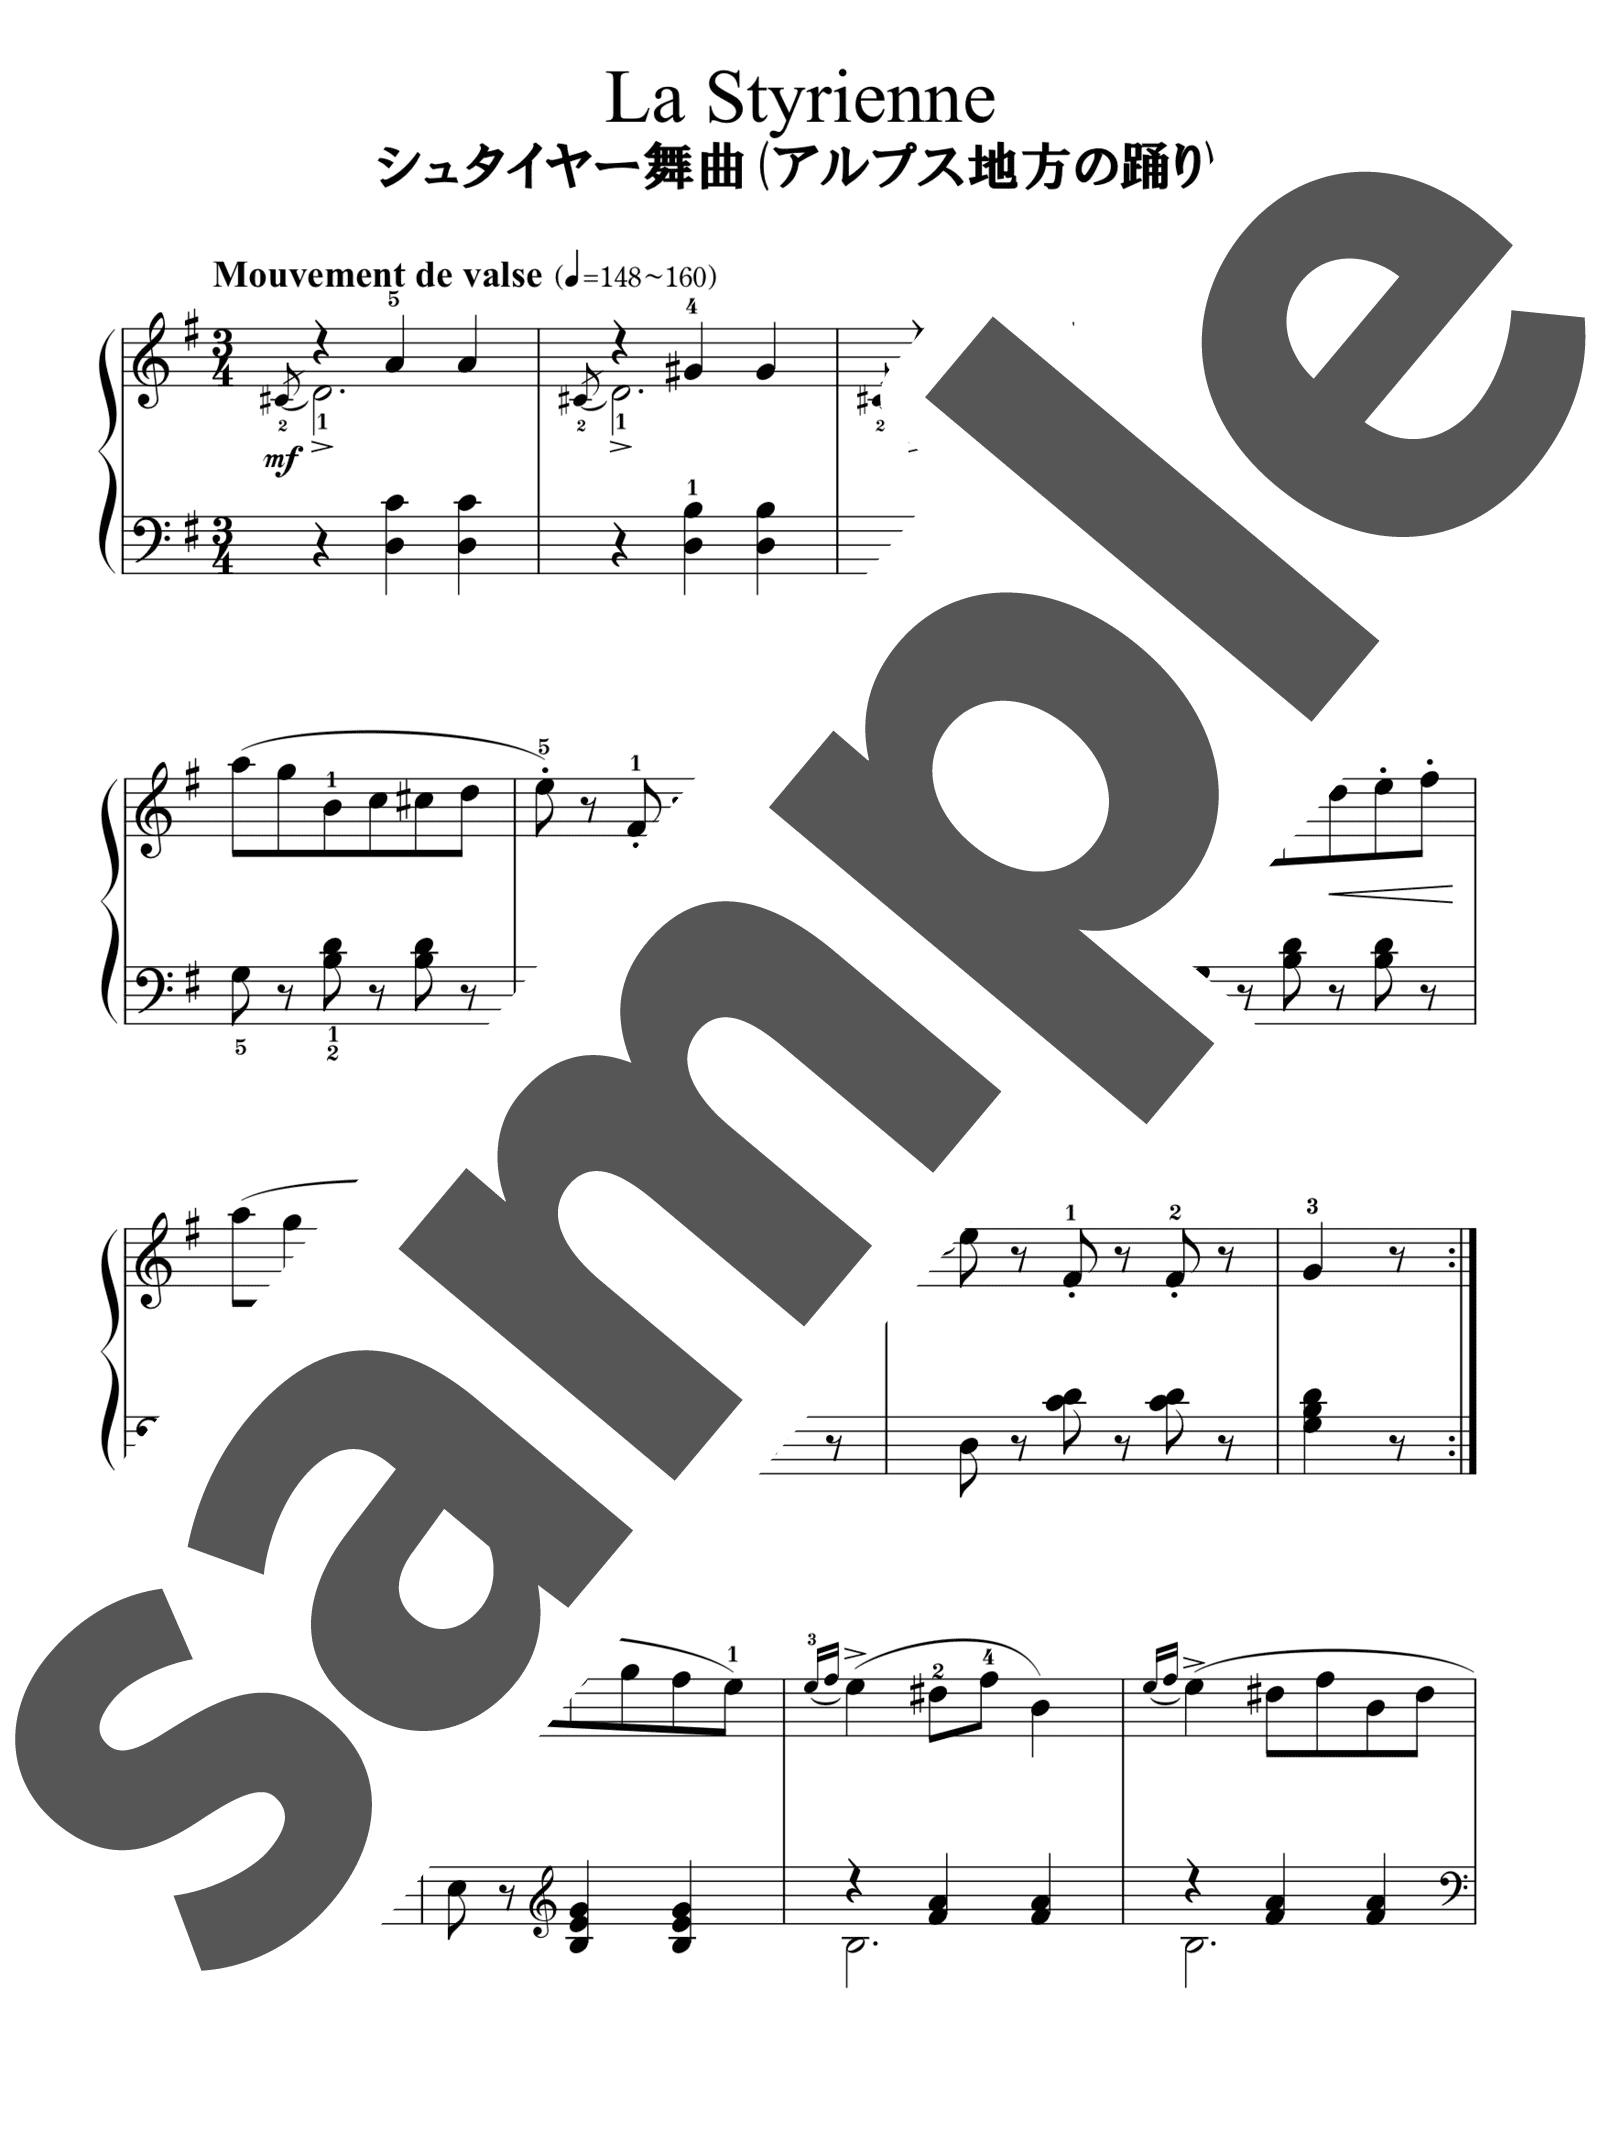 「シュタイヤー舞曲(アルプス地方の踊り)」のサンプル楽譜